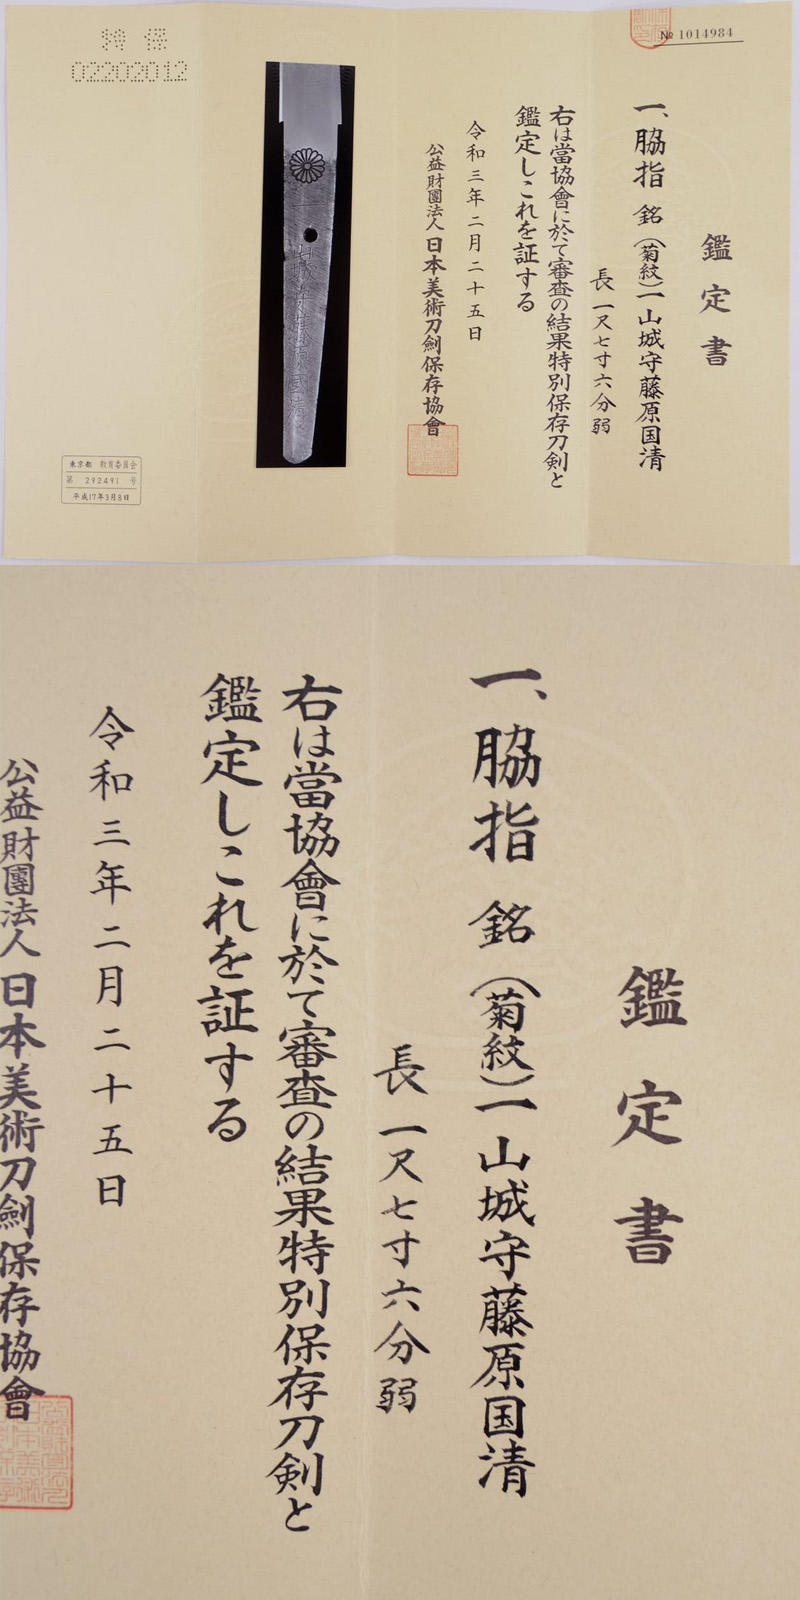 脇差 (菊紋)一山城守藤原国清 (新刀 上作)(業物) Picture of Certificate